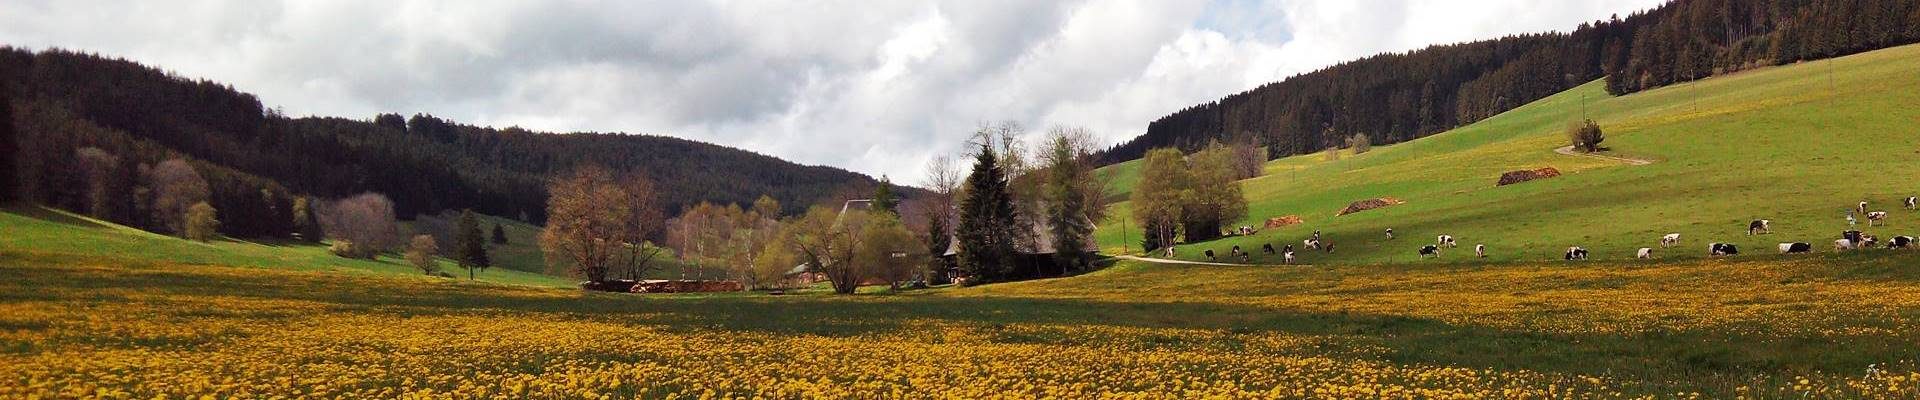 schildwende-loewenzahn-hof-ferienhaus-Griesbachhof-Schwarzwald_400px